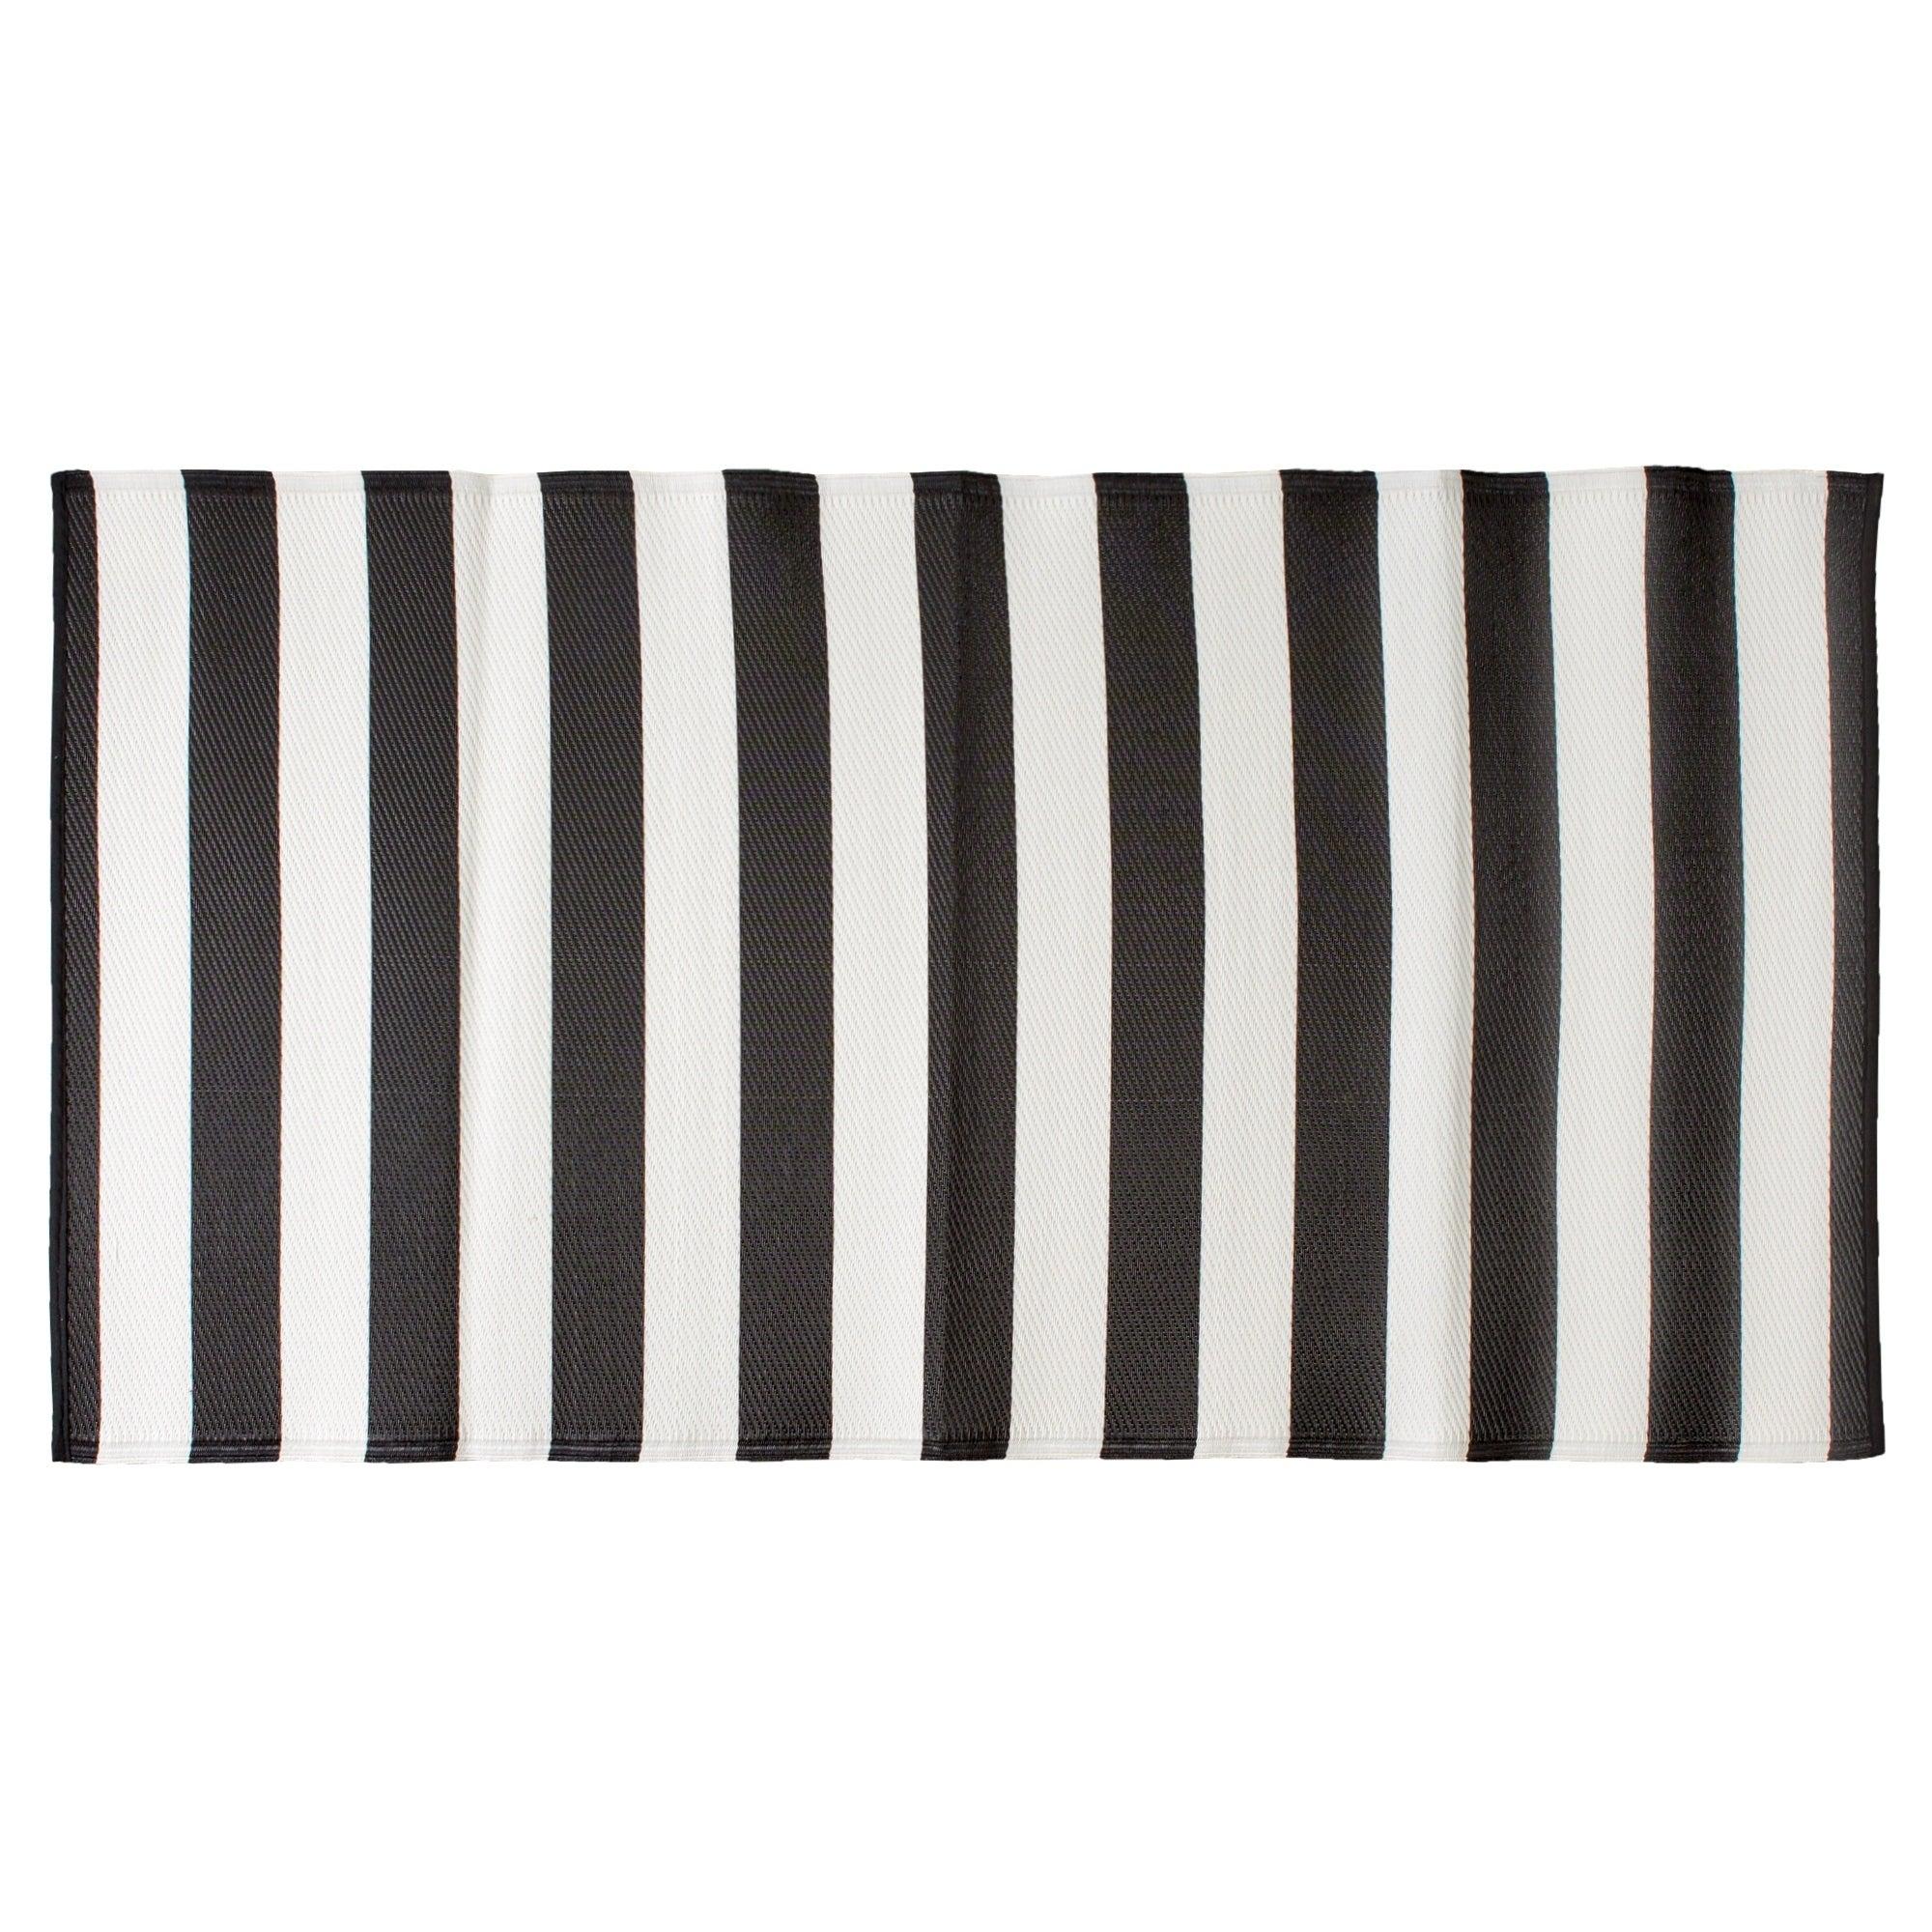 Shop Dii Striped Outdoor Floor Runner Overstock 27678419